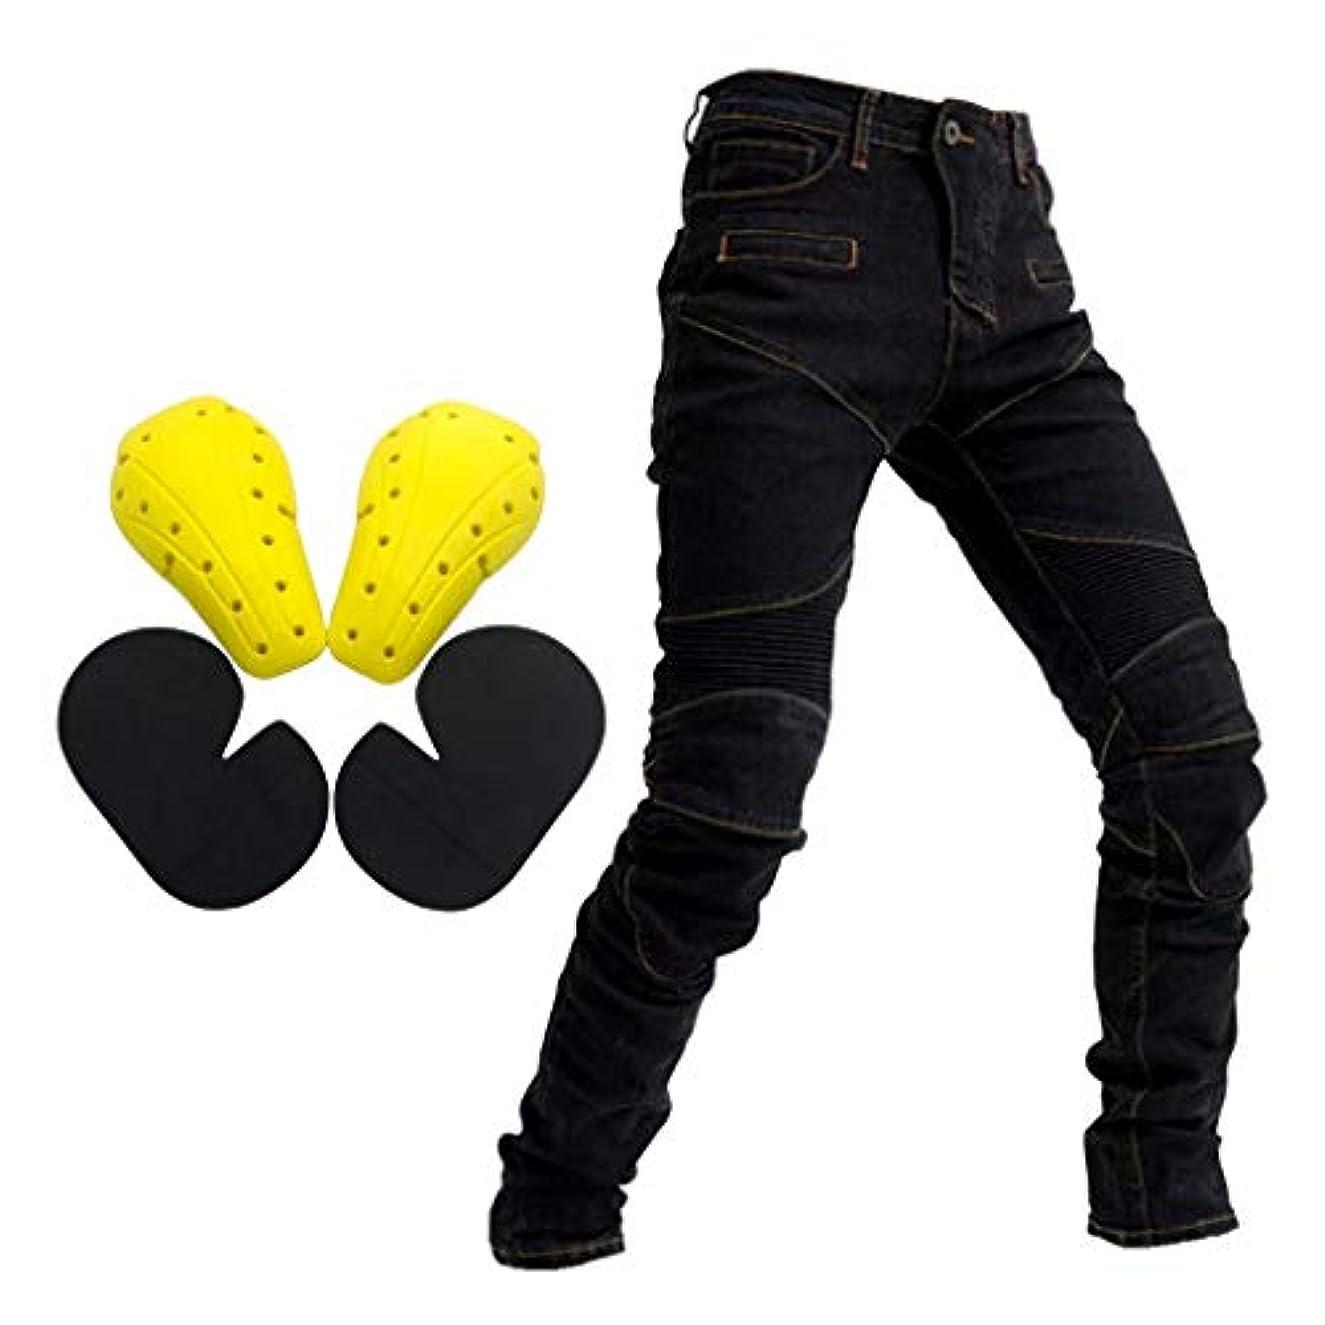 コンテストメーカー審判perfk オートバイ ライディングメンズジーンズ ブラック プロテクター付き ストレッチ素材 全6サイズ - XL